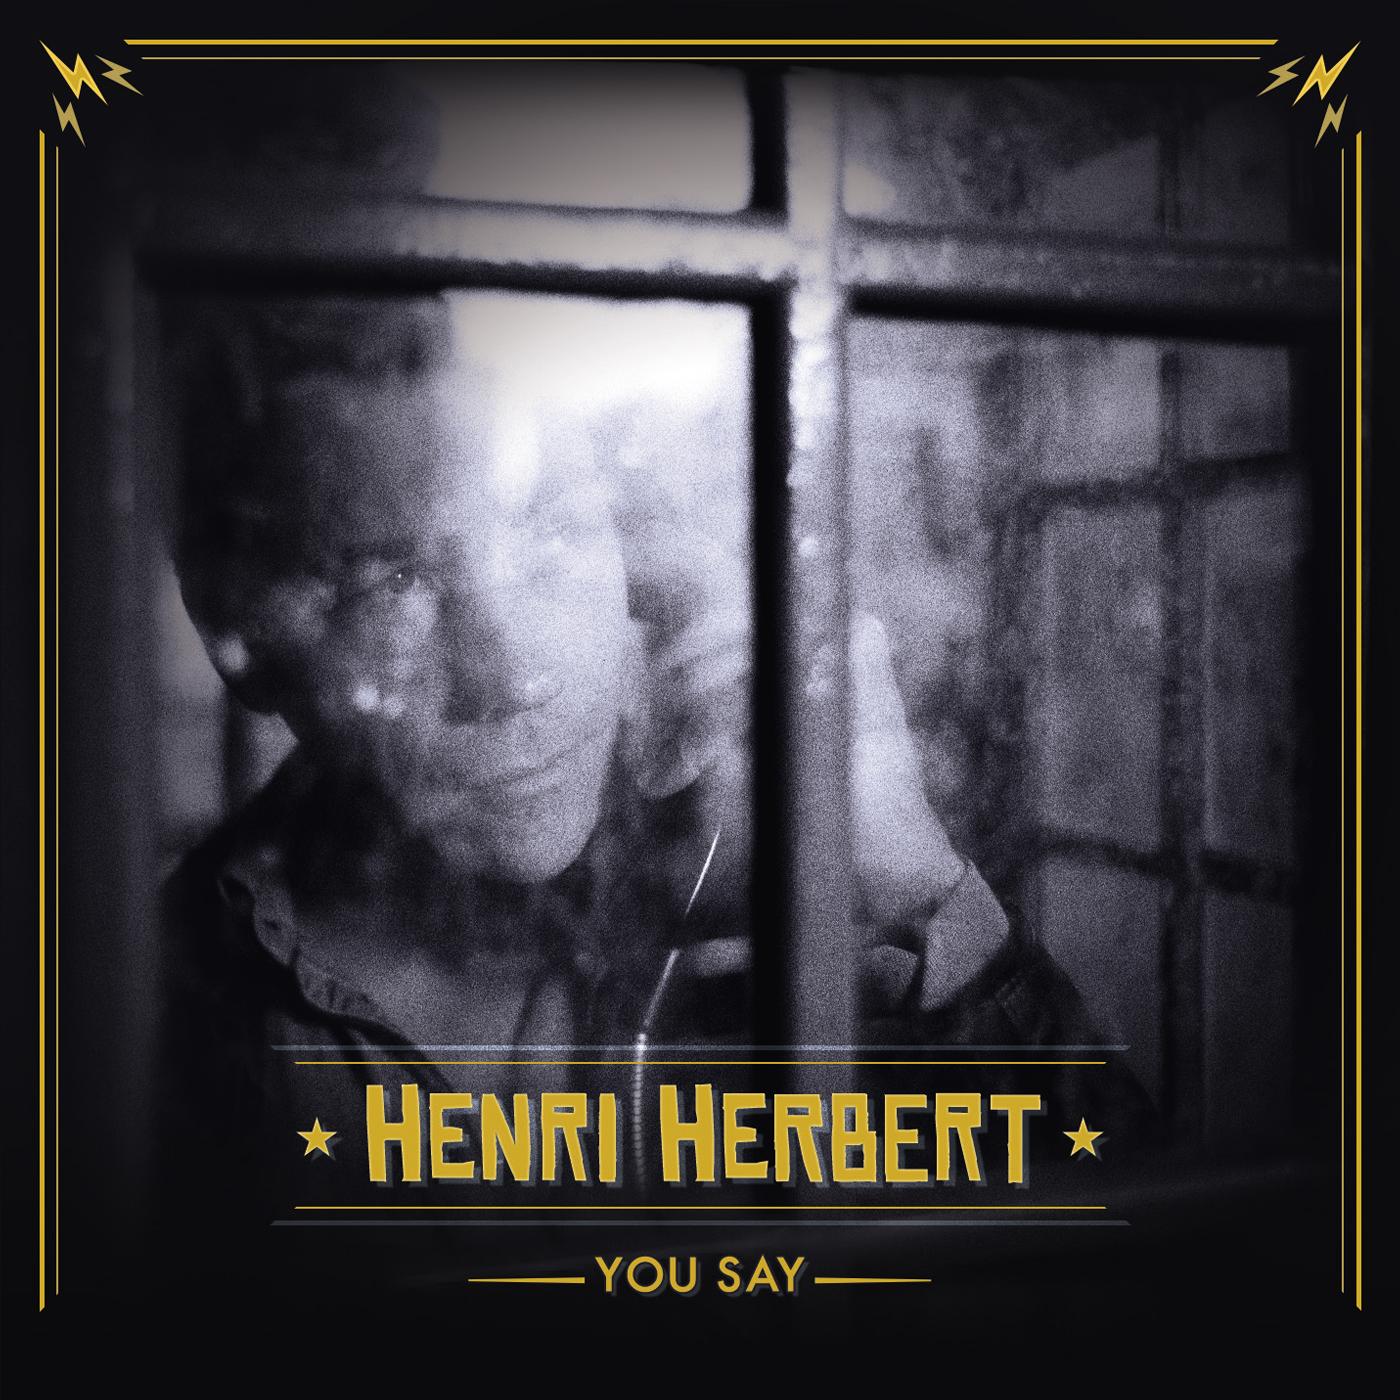 Henri Herbert